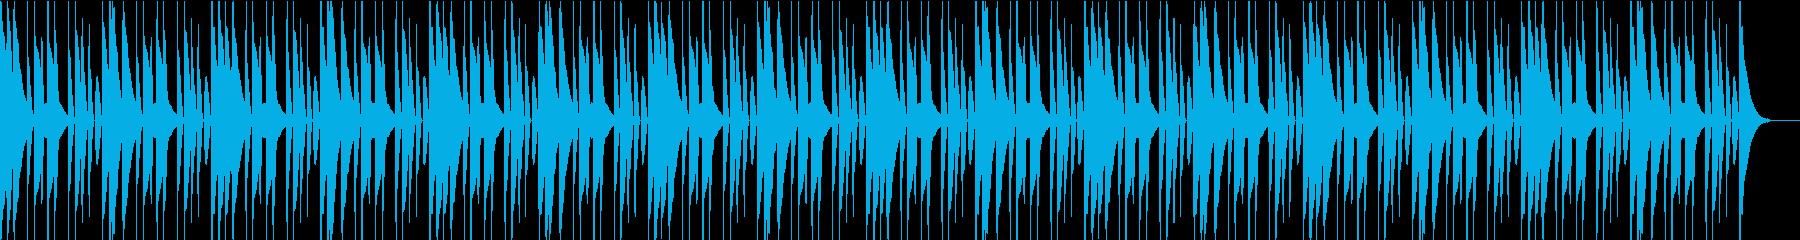 日本のお囃子を参考にしたリズム(テクノ)の再生済みの波形